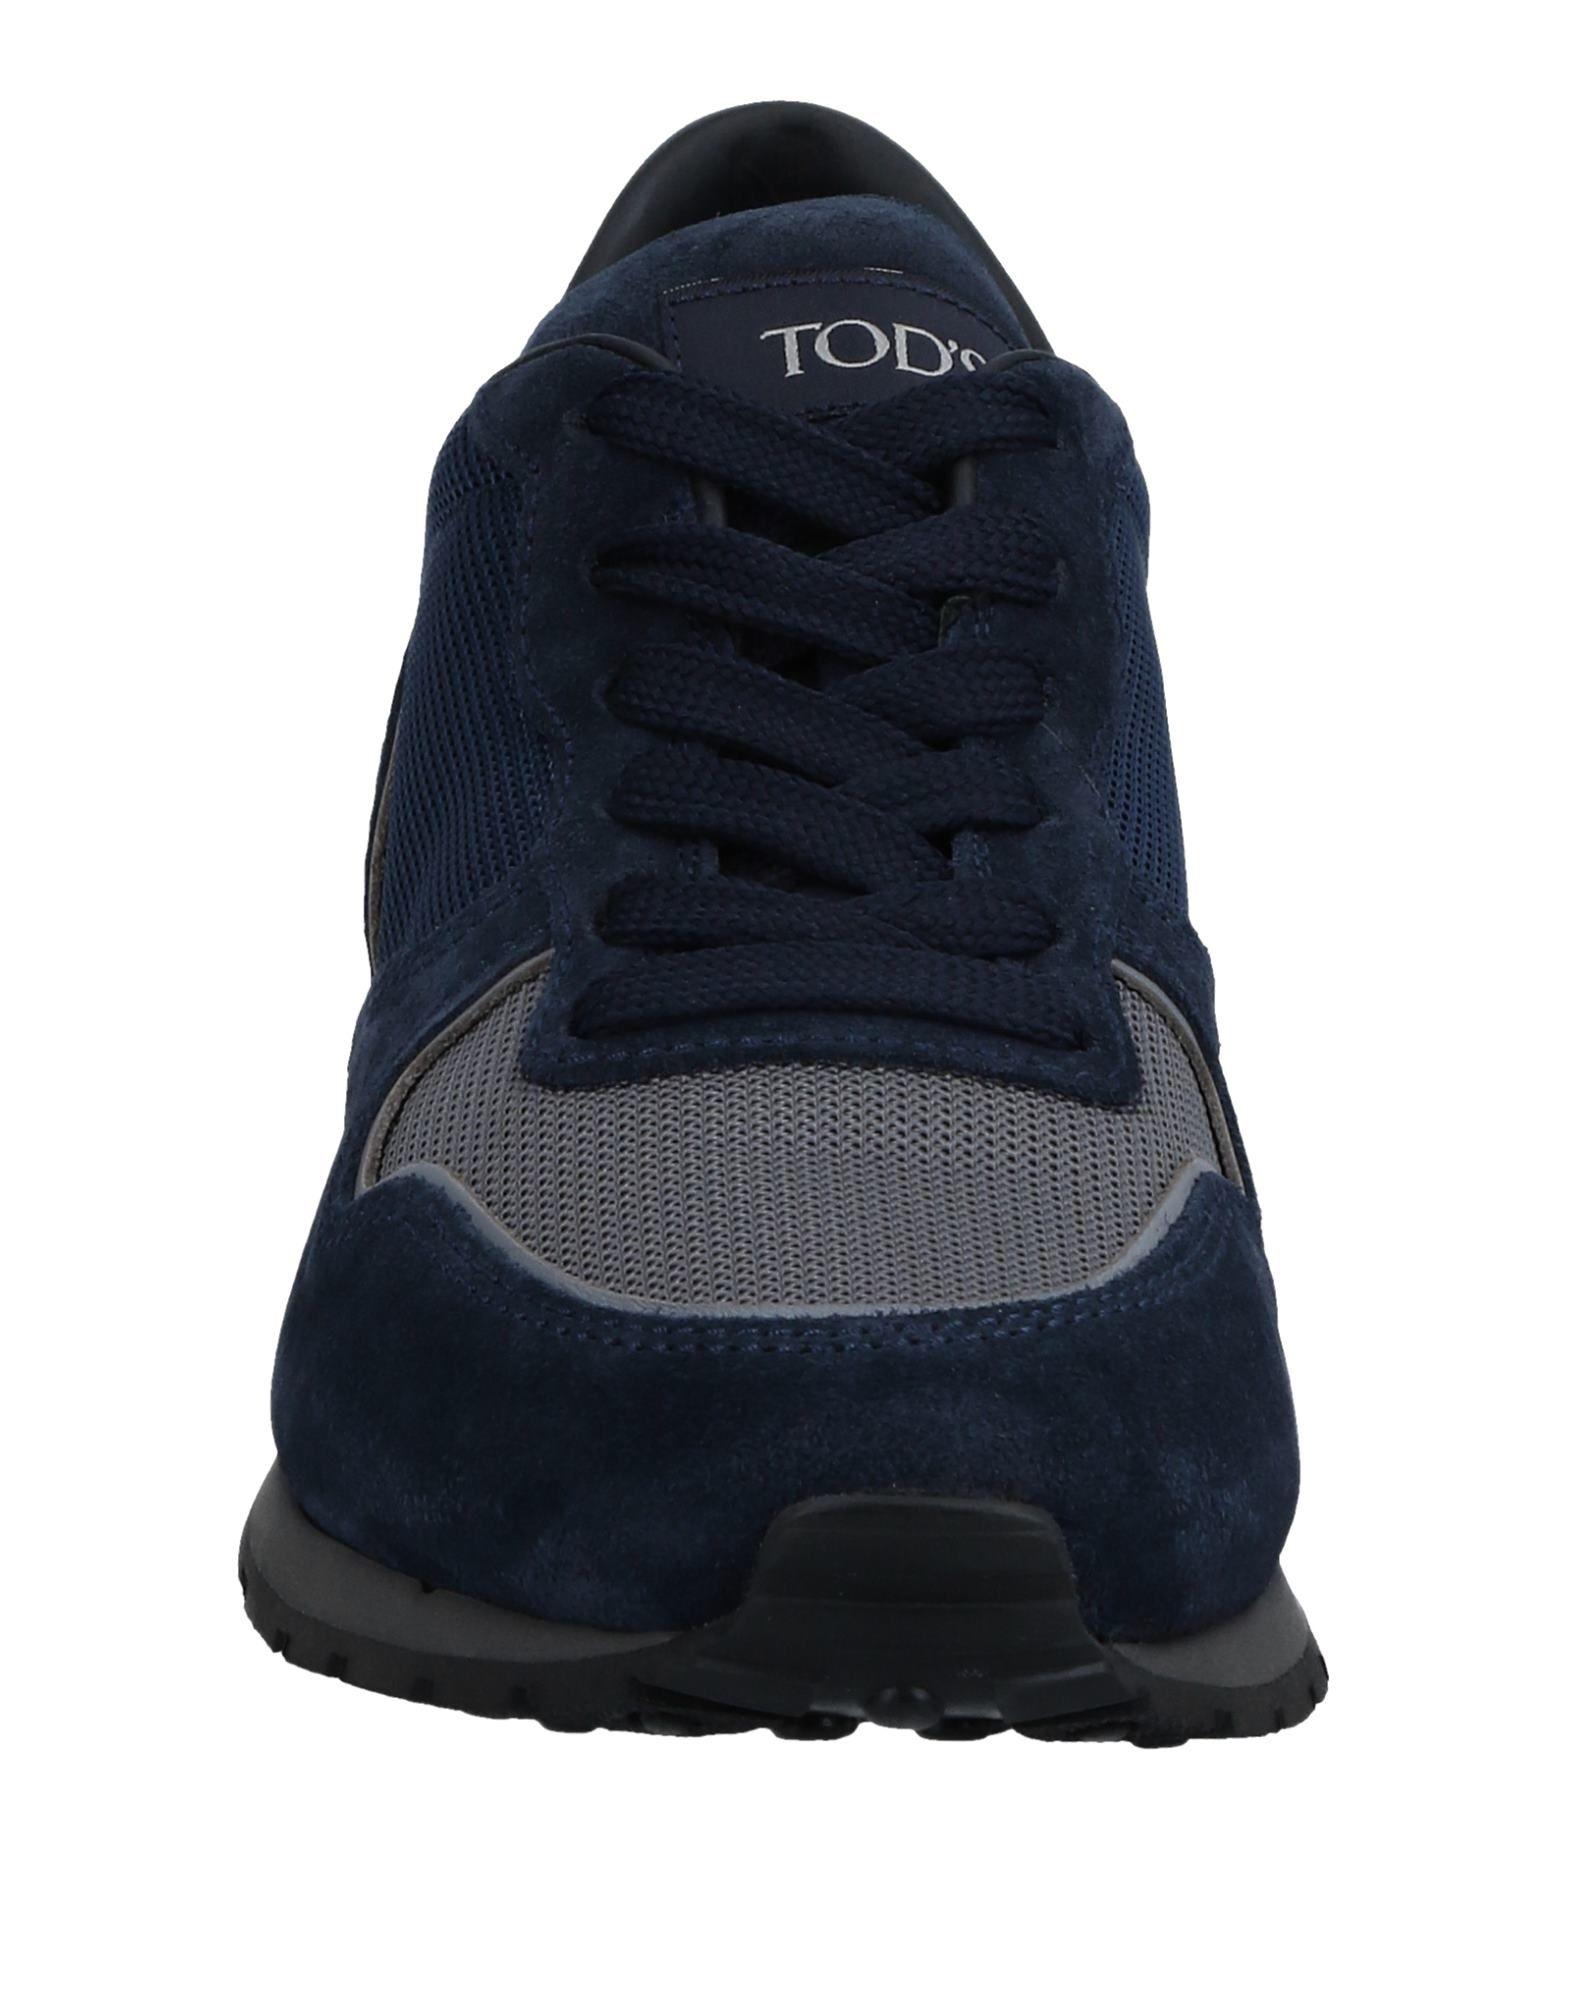 Tod's Sneakers Herren  Schuhe 11508065OK Gute Qualität beliebte Schuhe  cd006f